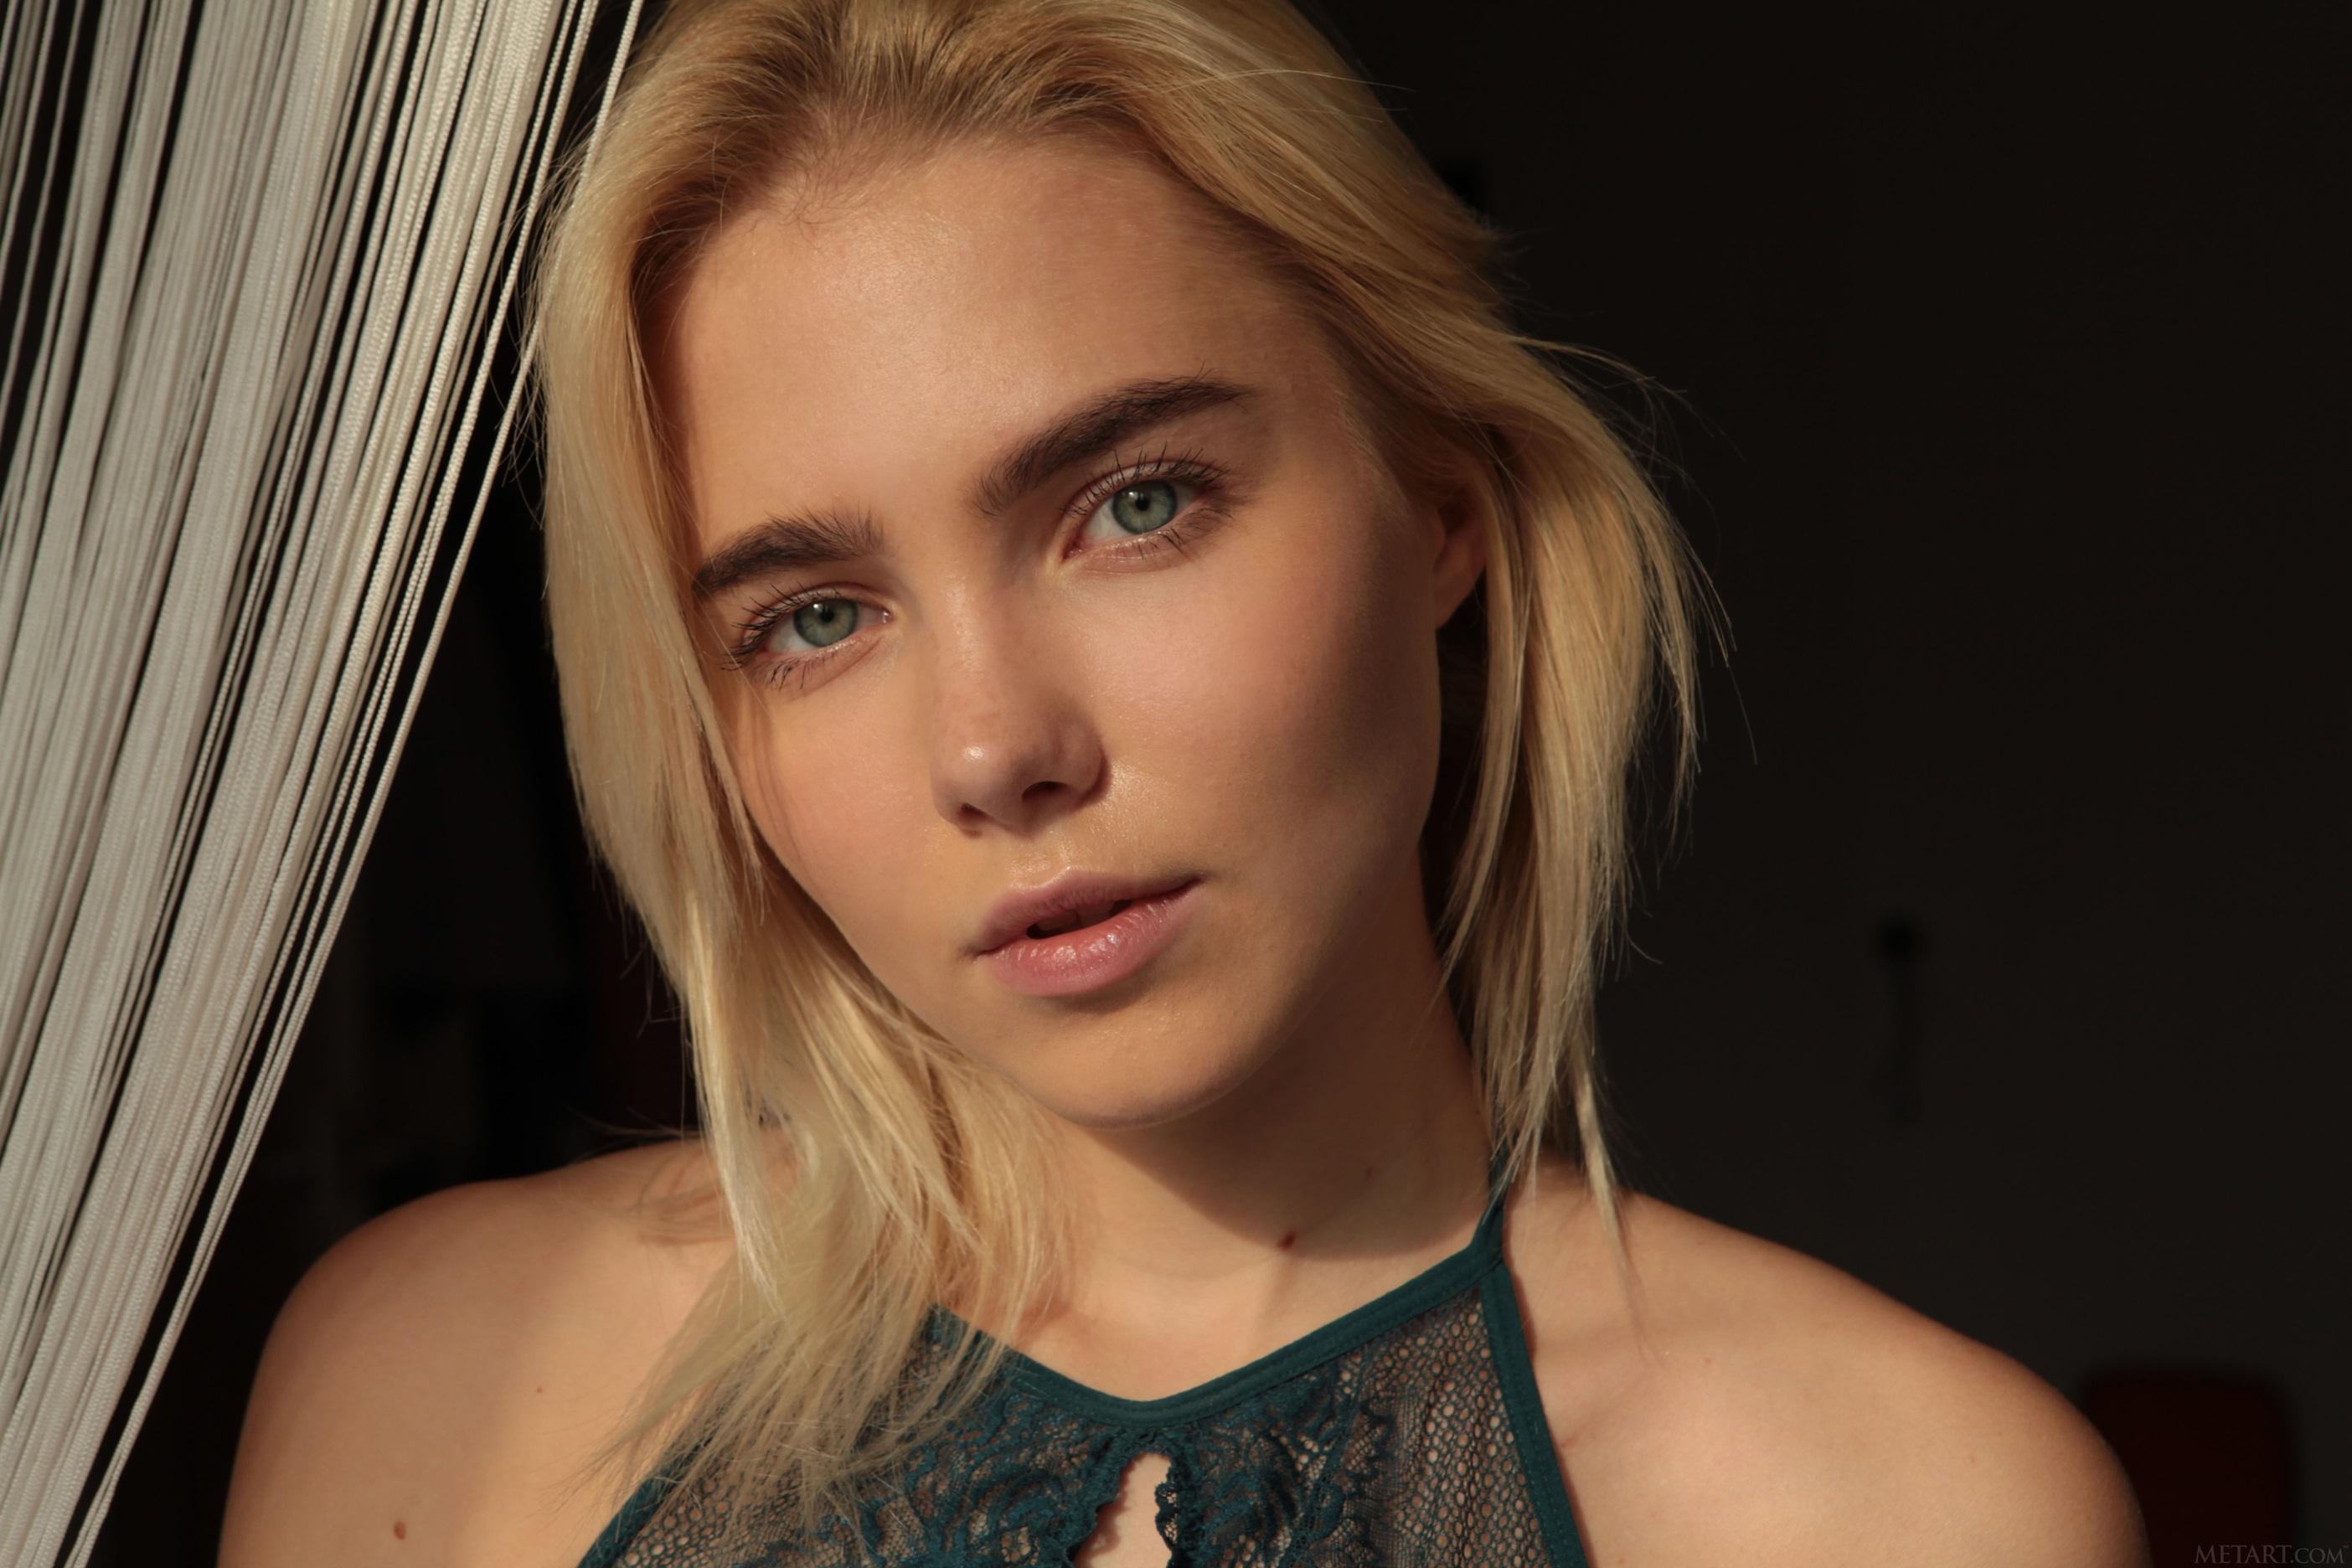 People 2808x1872 Scarlet (Met Art) blonde MetArt Magazine women model looking at viewer face sunlight depth of field blue eyes bare shoulders short hair women indoors